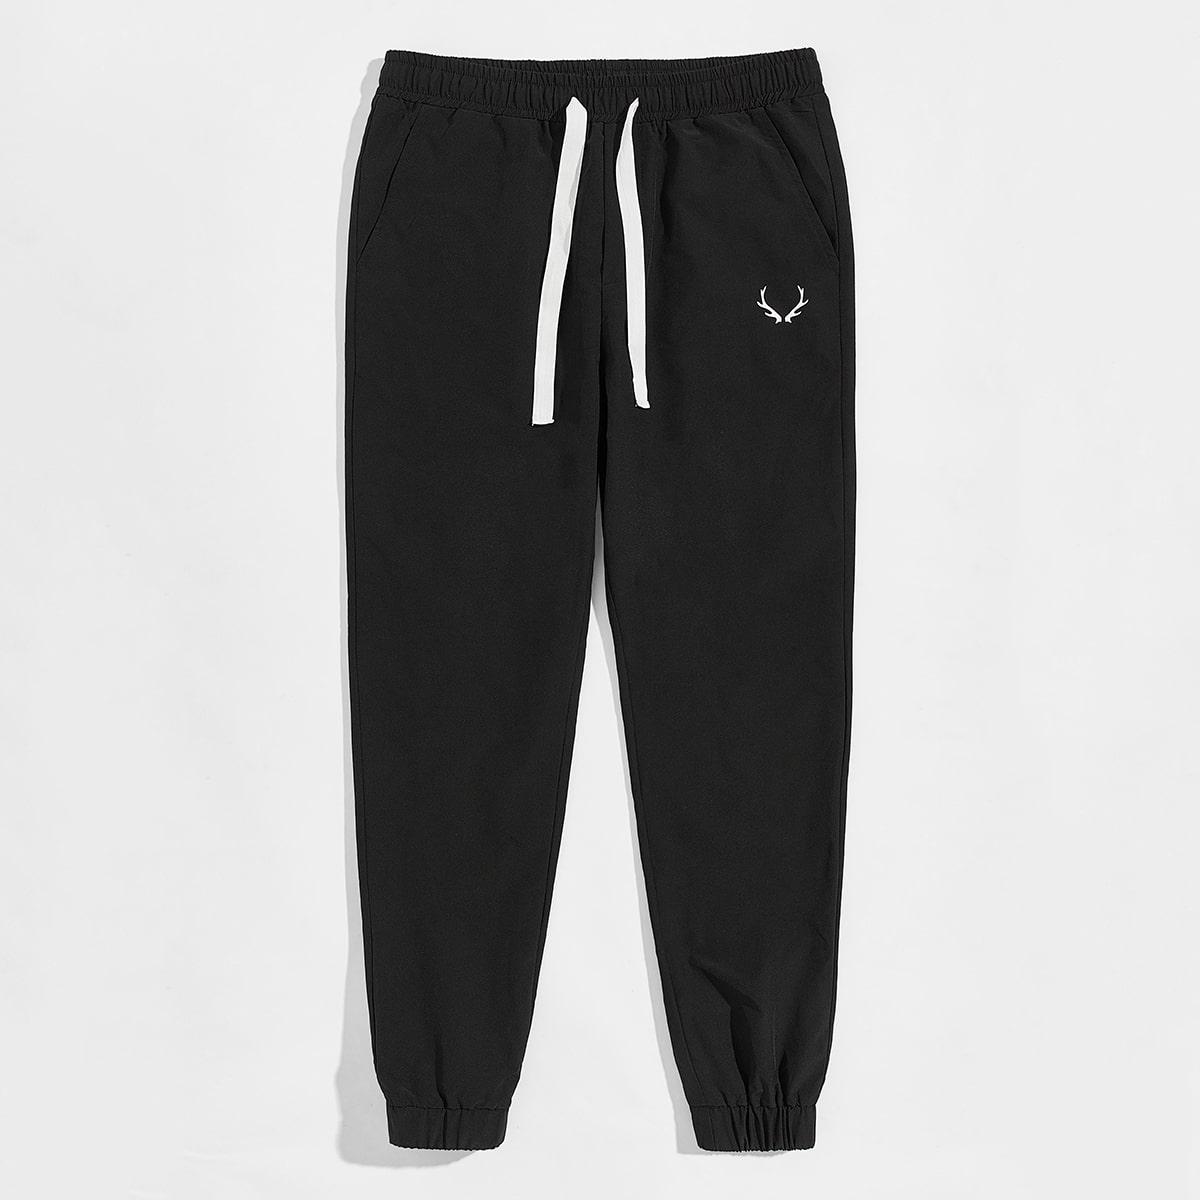 Мужские спортивные брюки с графическим принтом